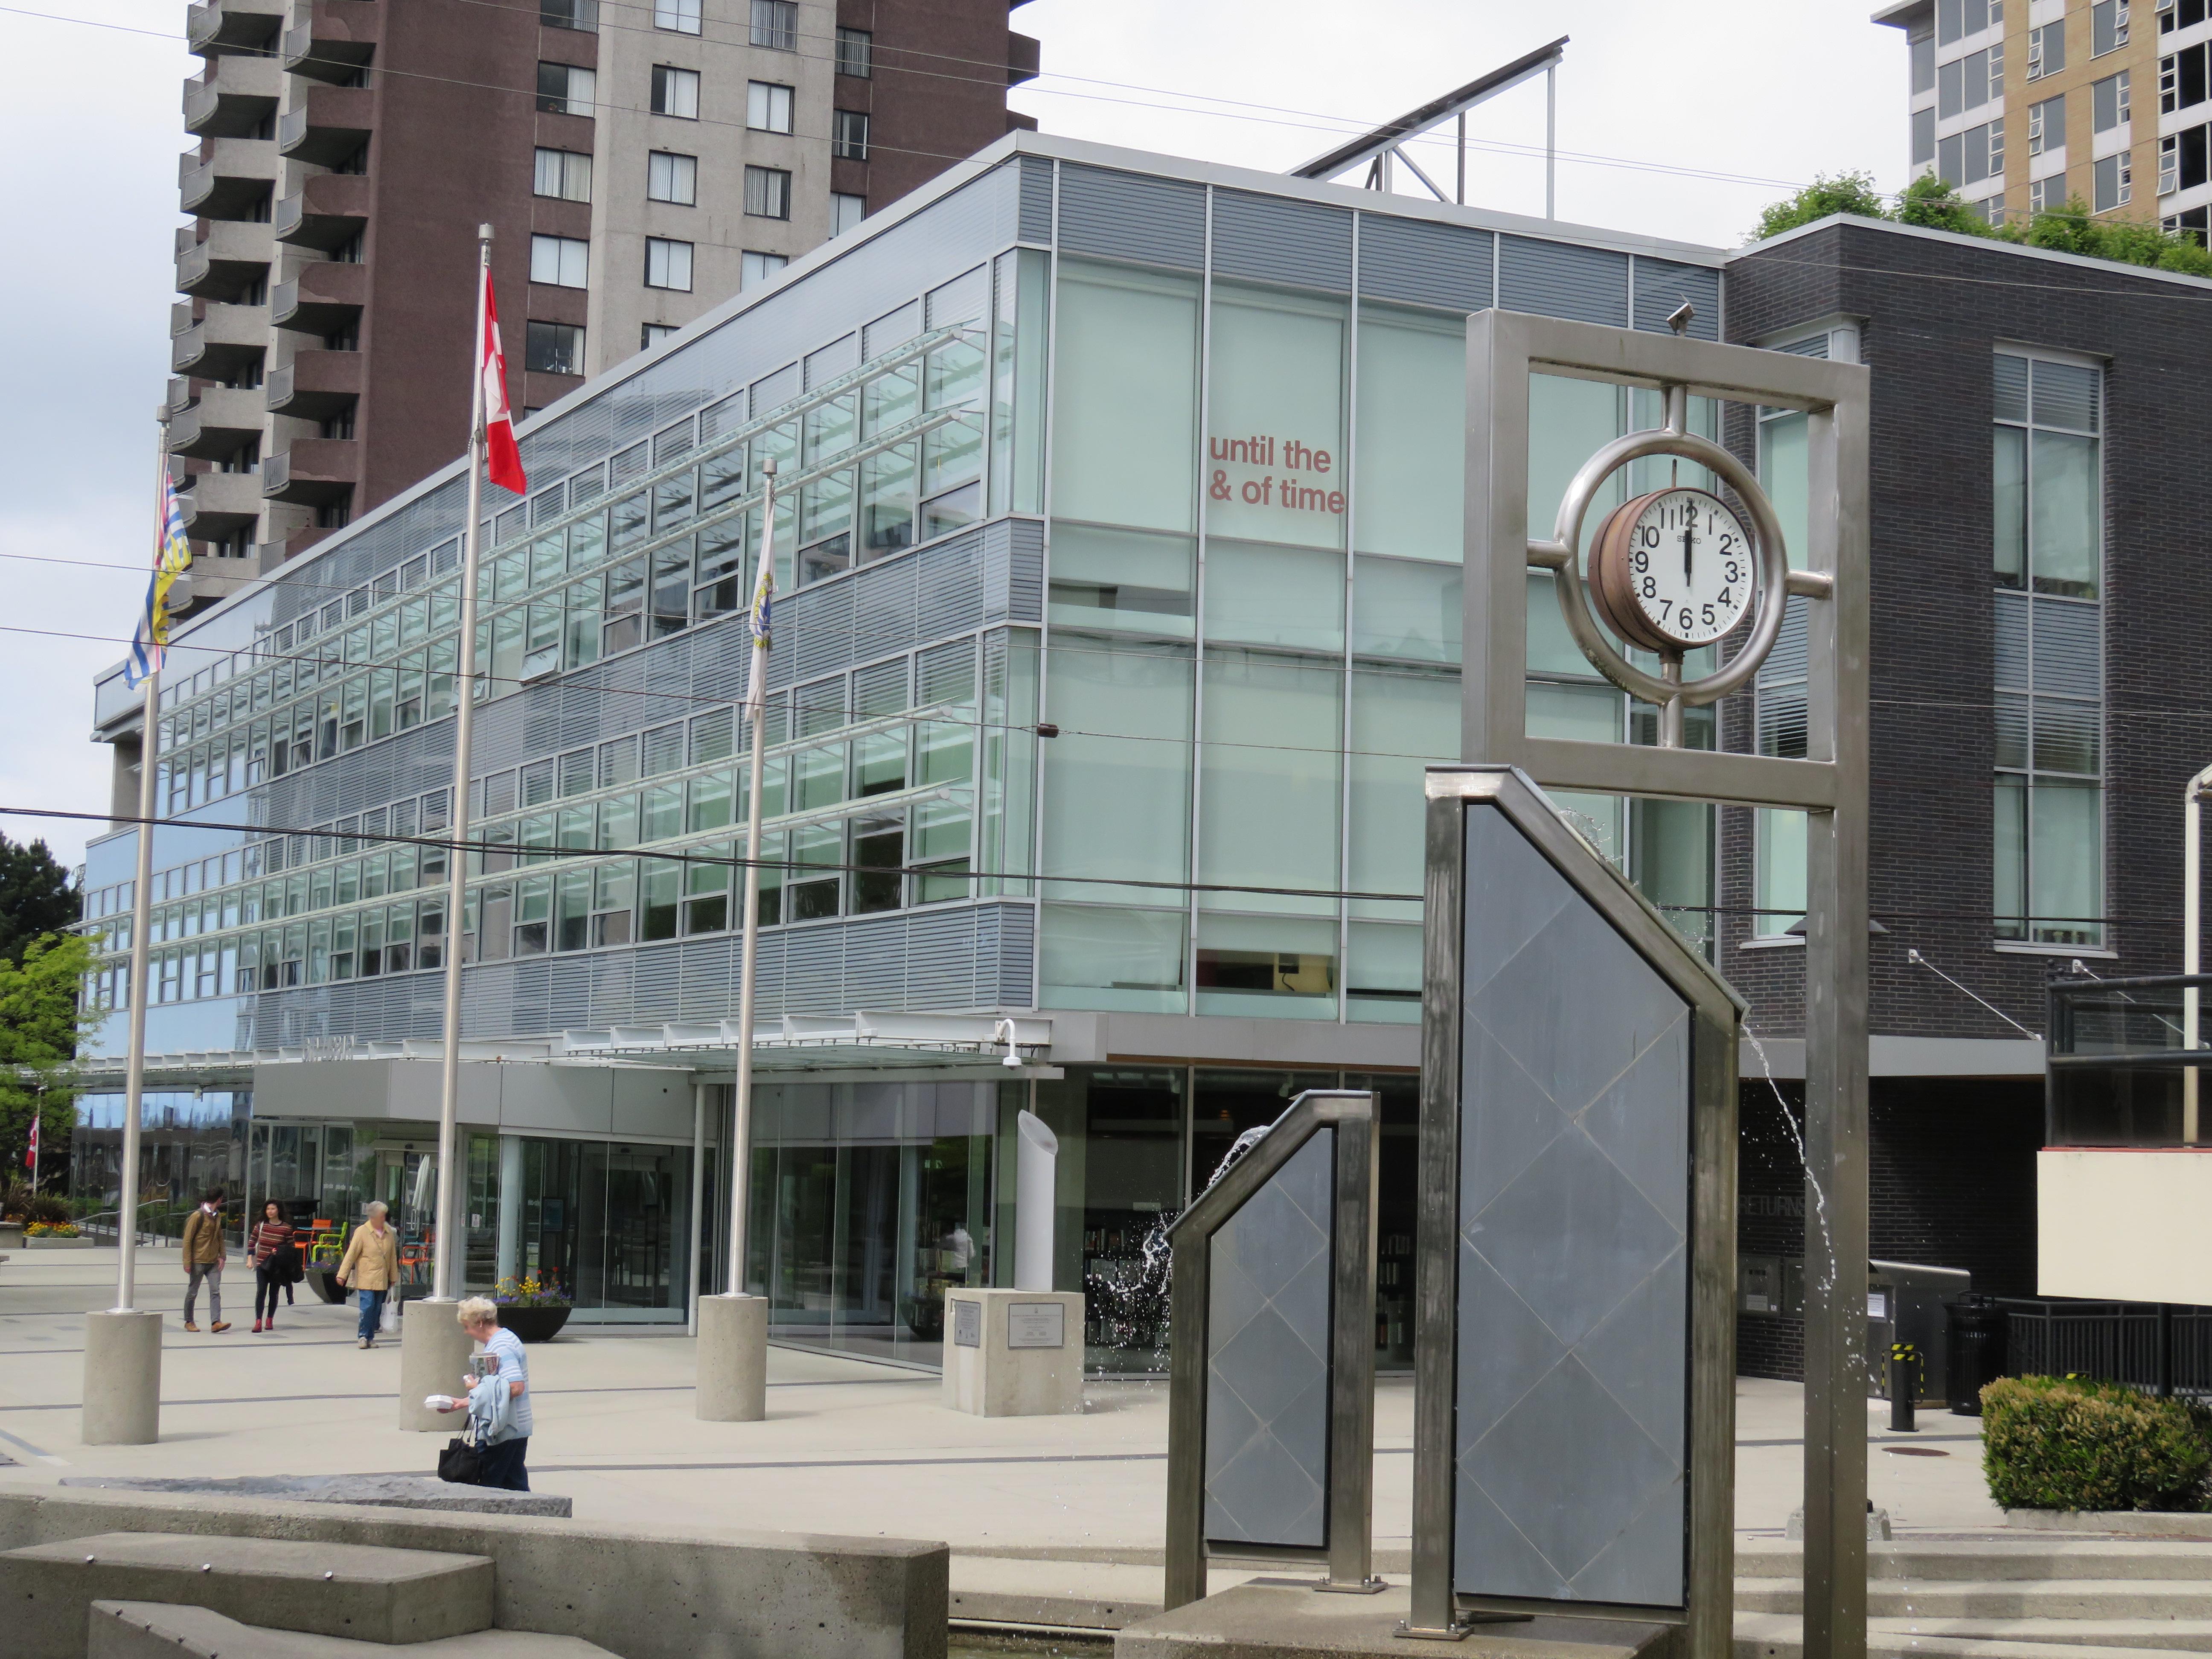 N. Van. Public Library